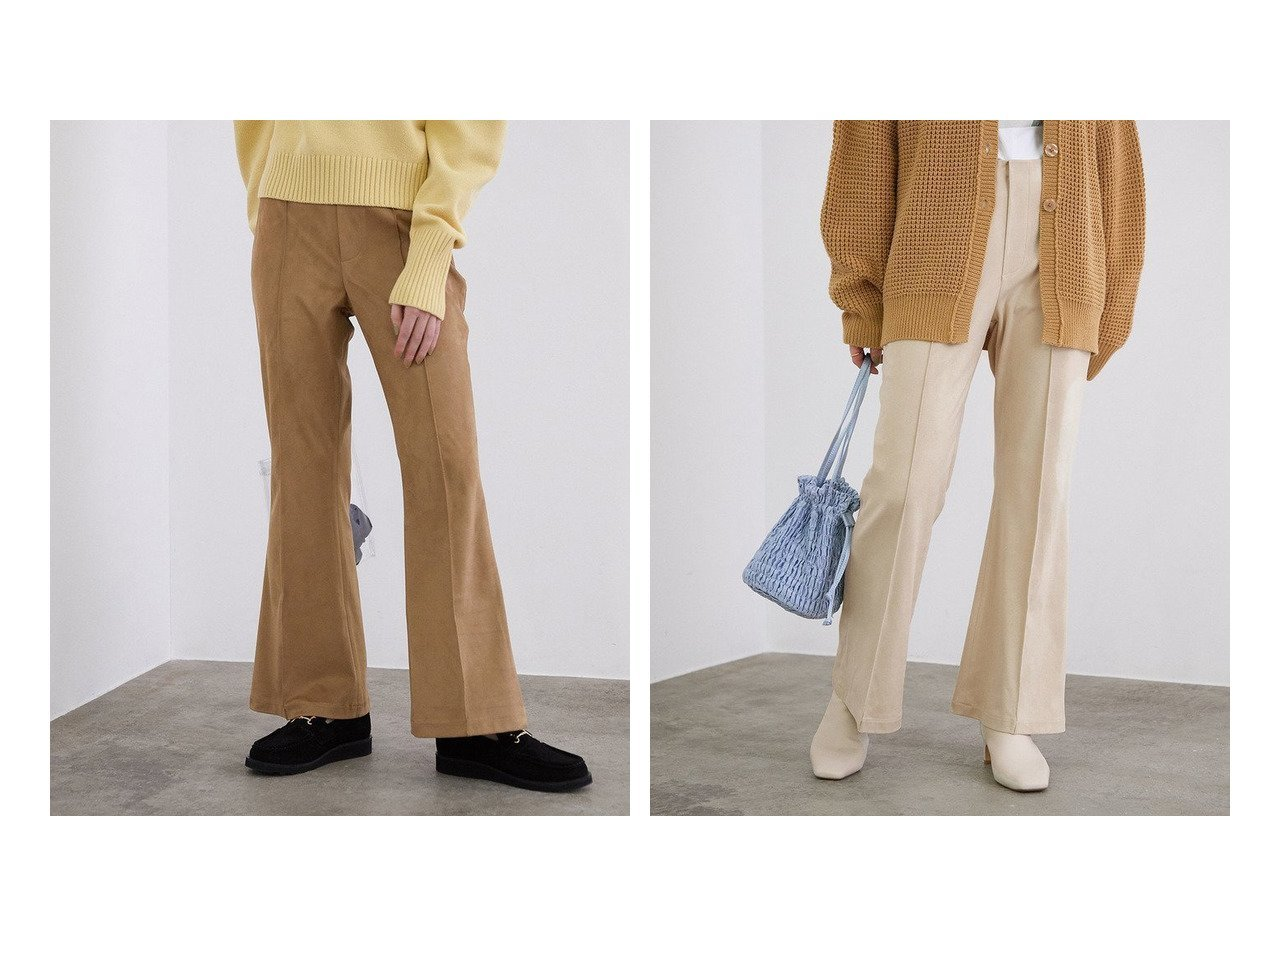 【ROPE' mademoiselle/ロペ マドモアゼル】のフロントピンタックエコスウェードパンツ パンツのおすすめ!人気、トレンド・レディースファッションの通販 おすすめで人気の流行・トレンド、ファッションの通販商品 メンズファッション・キッズファッション・インテリア・家具・レディースファッション・服の通販 founy(ファニー) https://founy.com/ ファッション Fashion レディースファッション WOMEN パンツ Pants NEW・新作・新着・新入荷 New Arrivals スウェード ストレッチ トレンド フロント ポケット リラックス レギンス ヴィンテージ 今季 冬 Winter |ID:crp329100000012866